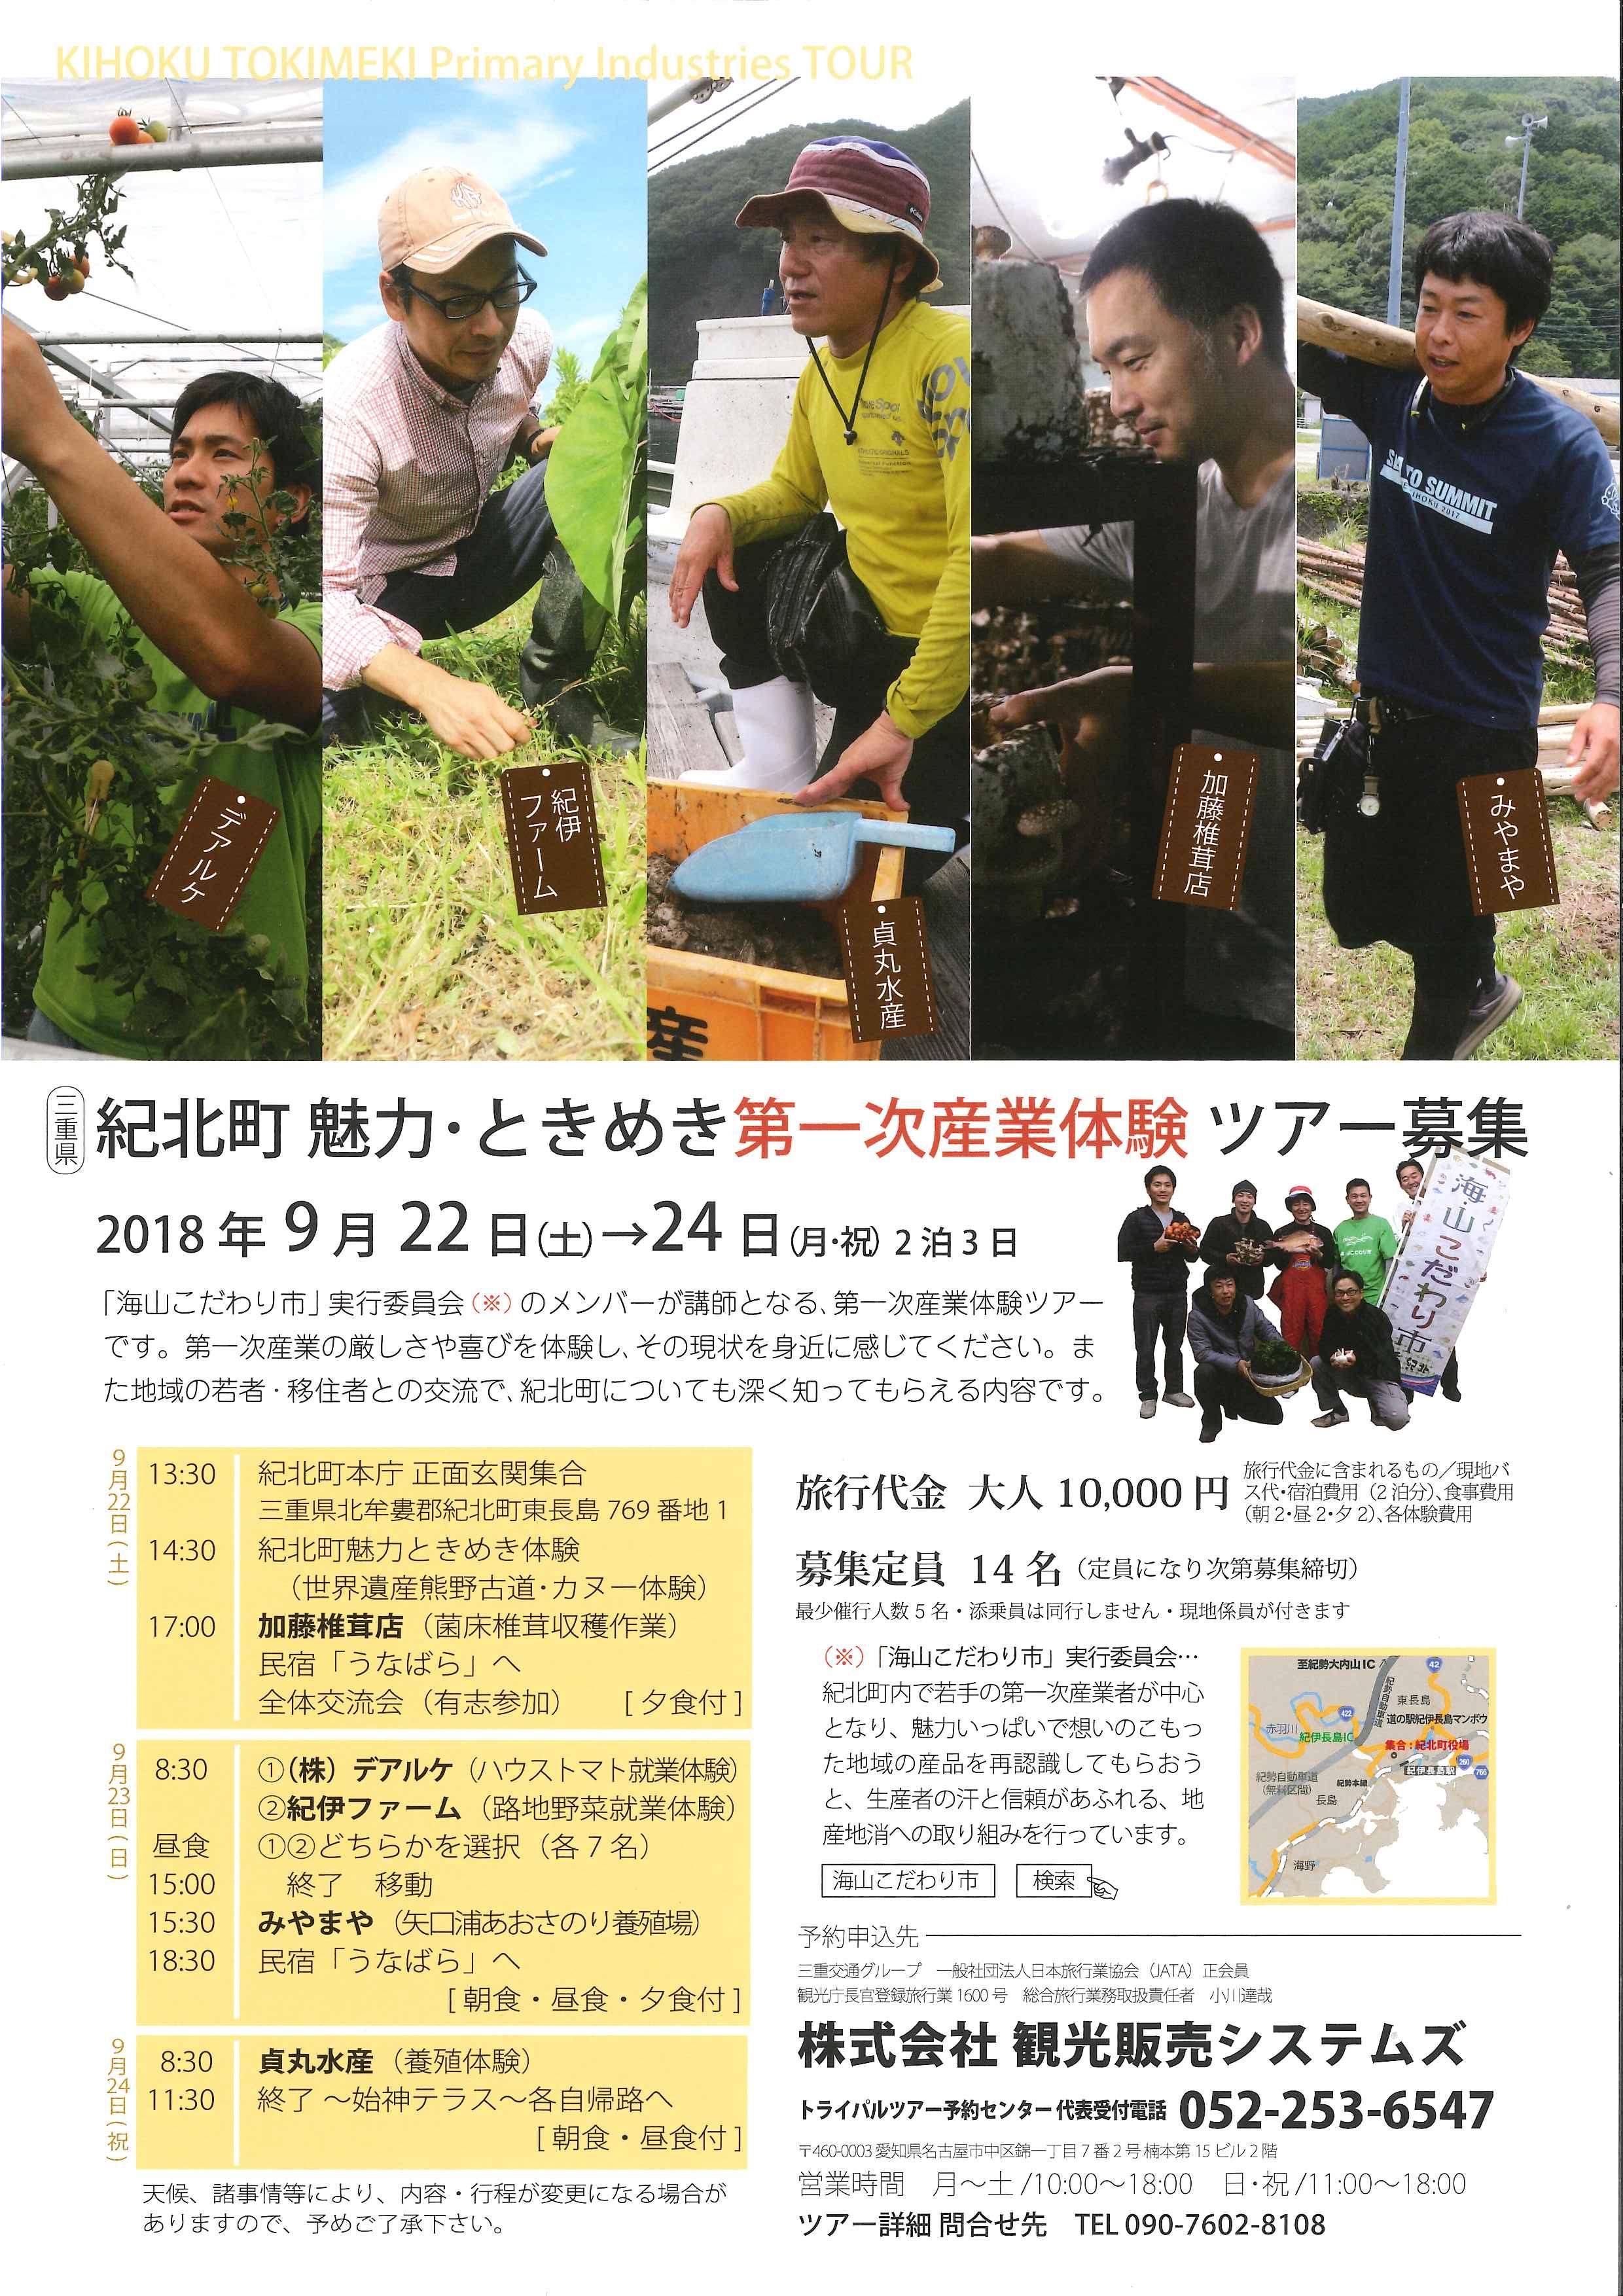 (満席です)「紀北町 魅力・ときめき第一次産業体験ツアー」参加者 募集中です!!_写真1